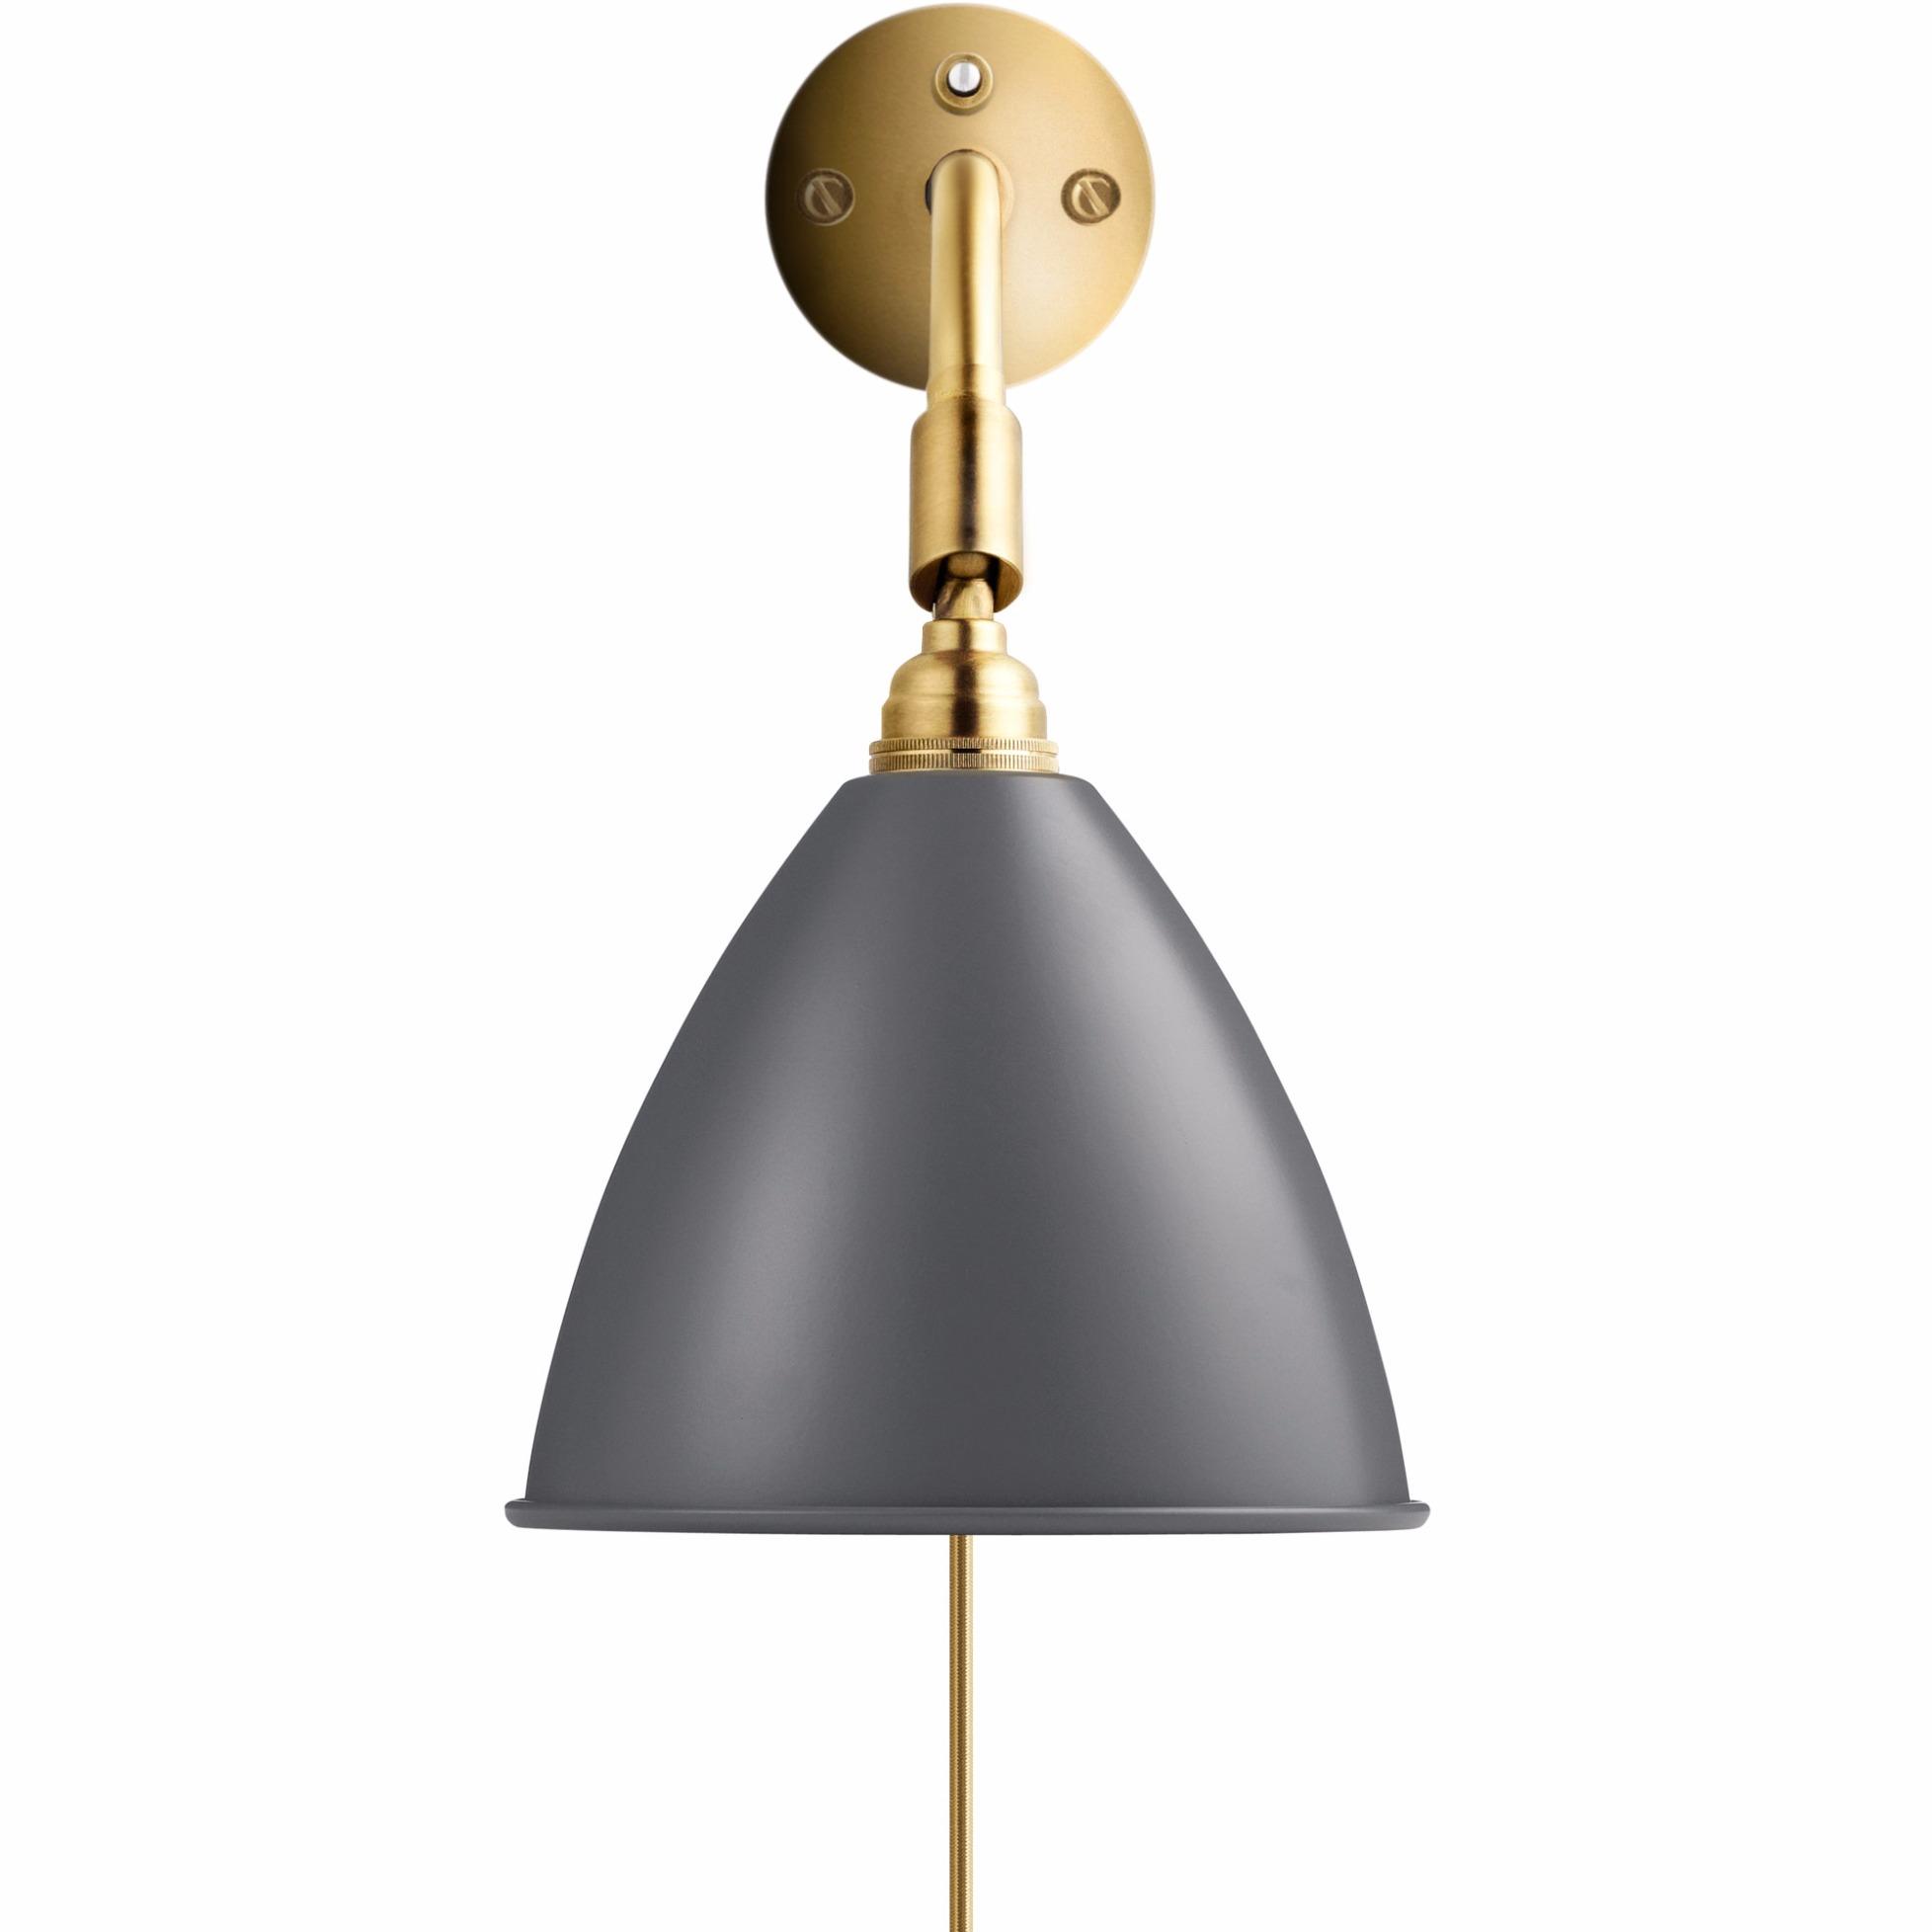 bestlite bl7 wall lamp by gubi. Black Bedroom Furniture Sets. Home Design Ideas